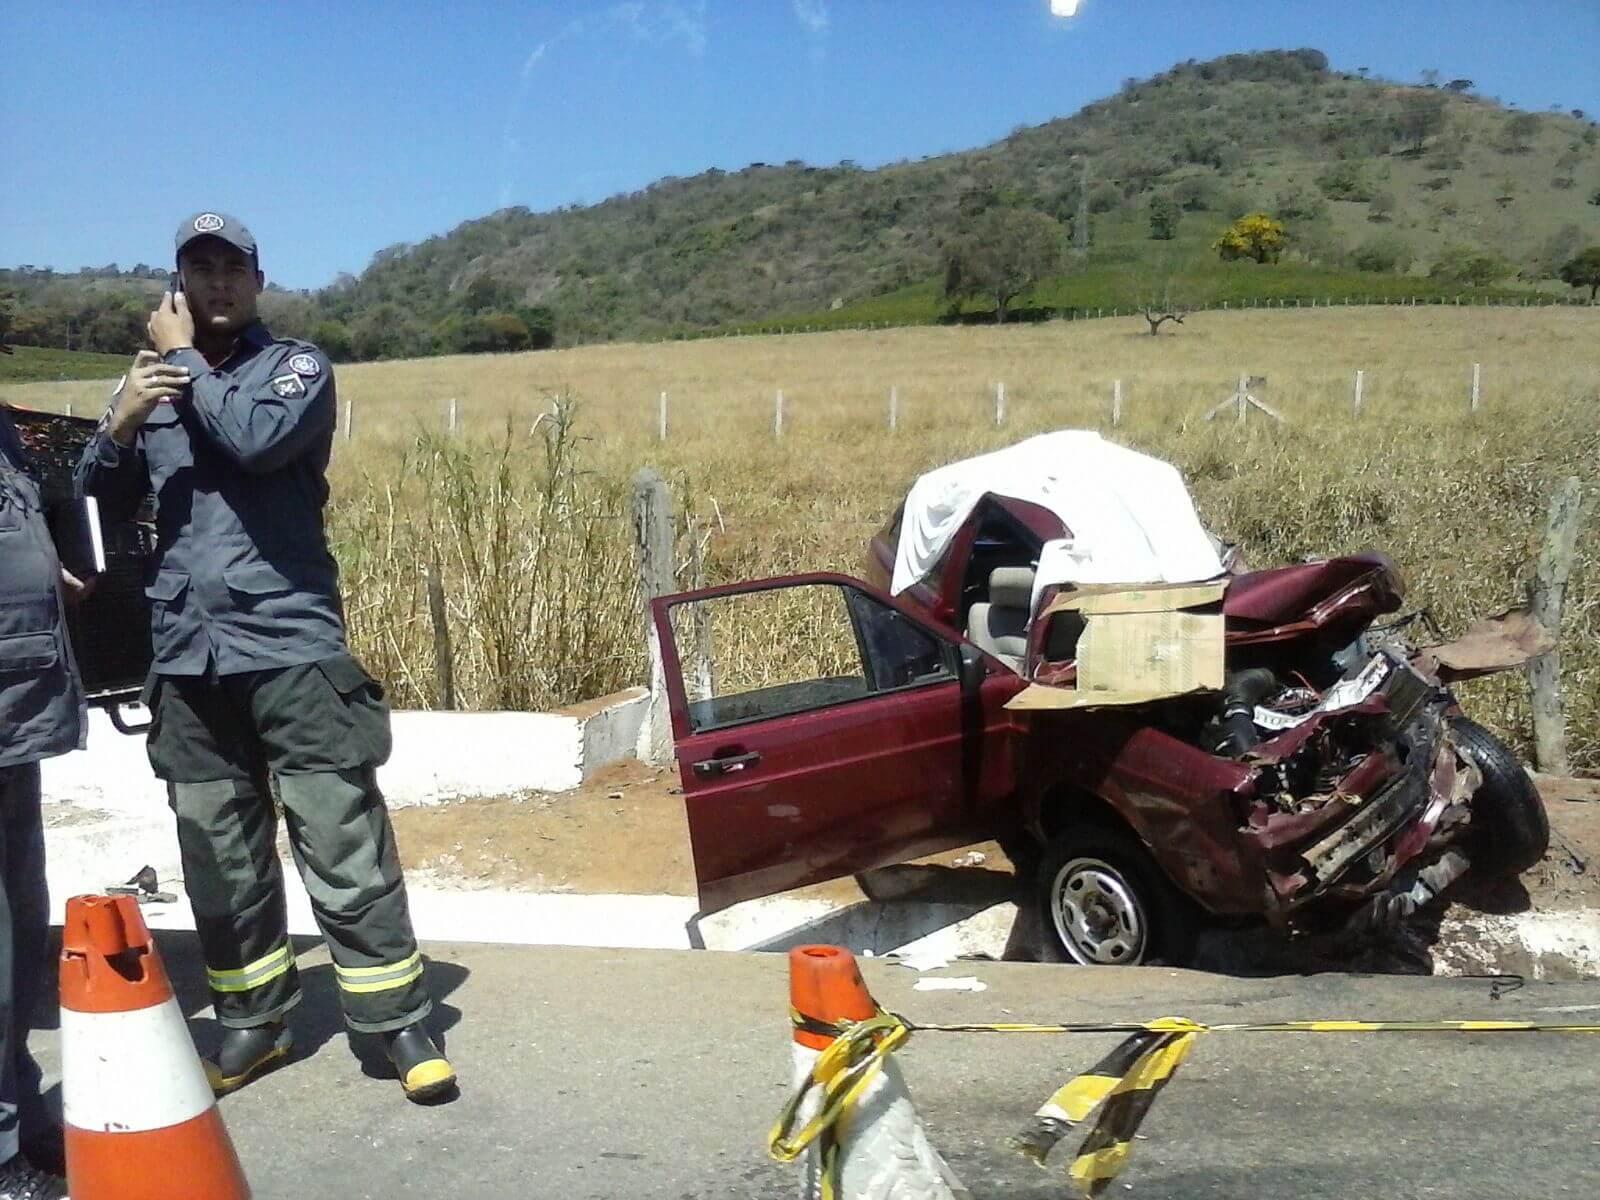 Pelo menos duas pessoas morreram no acidente. Foto enviada por leitores.